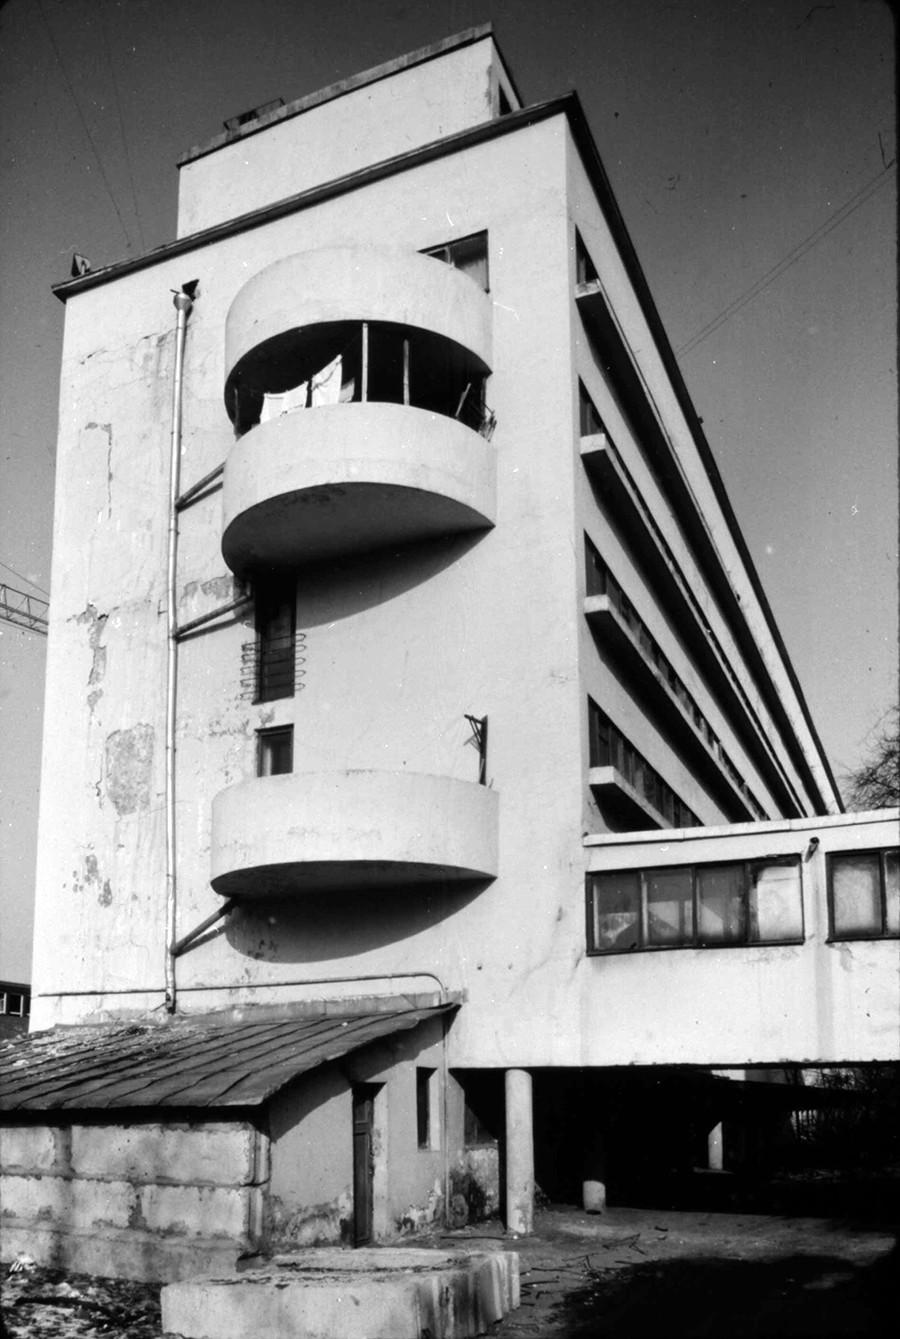 Narkomfin apartment house (1928). South facade. Moscow. Photo: 1984